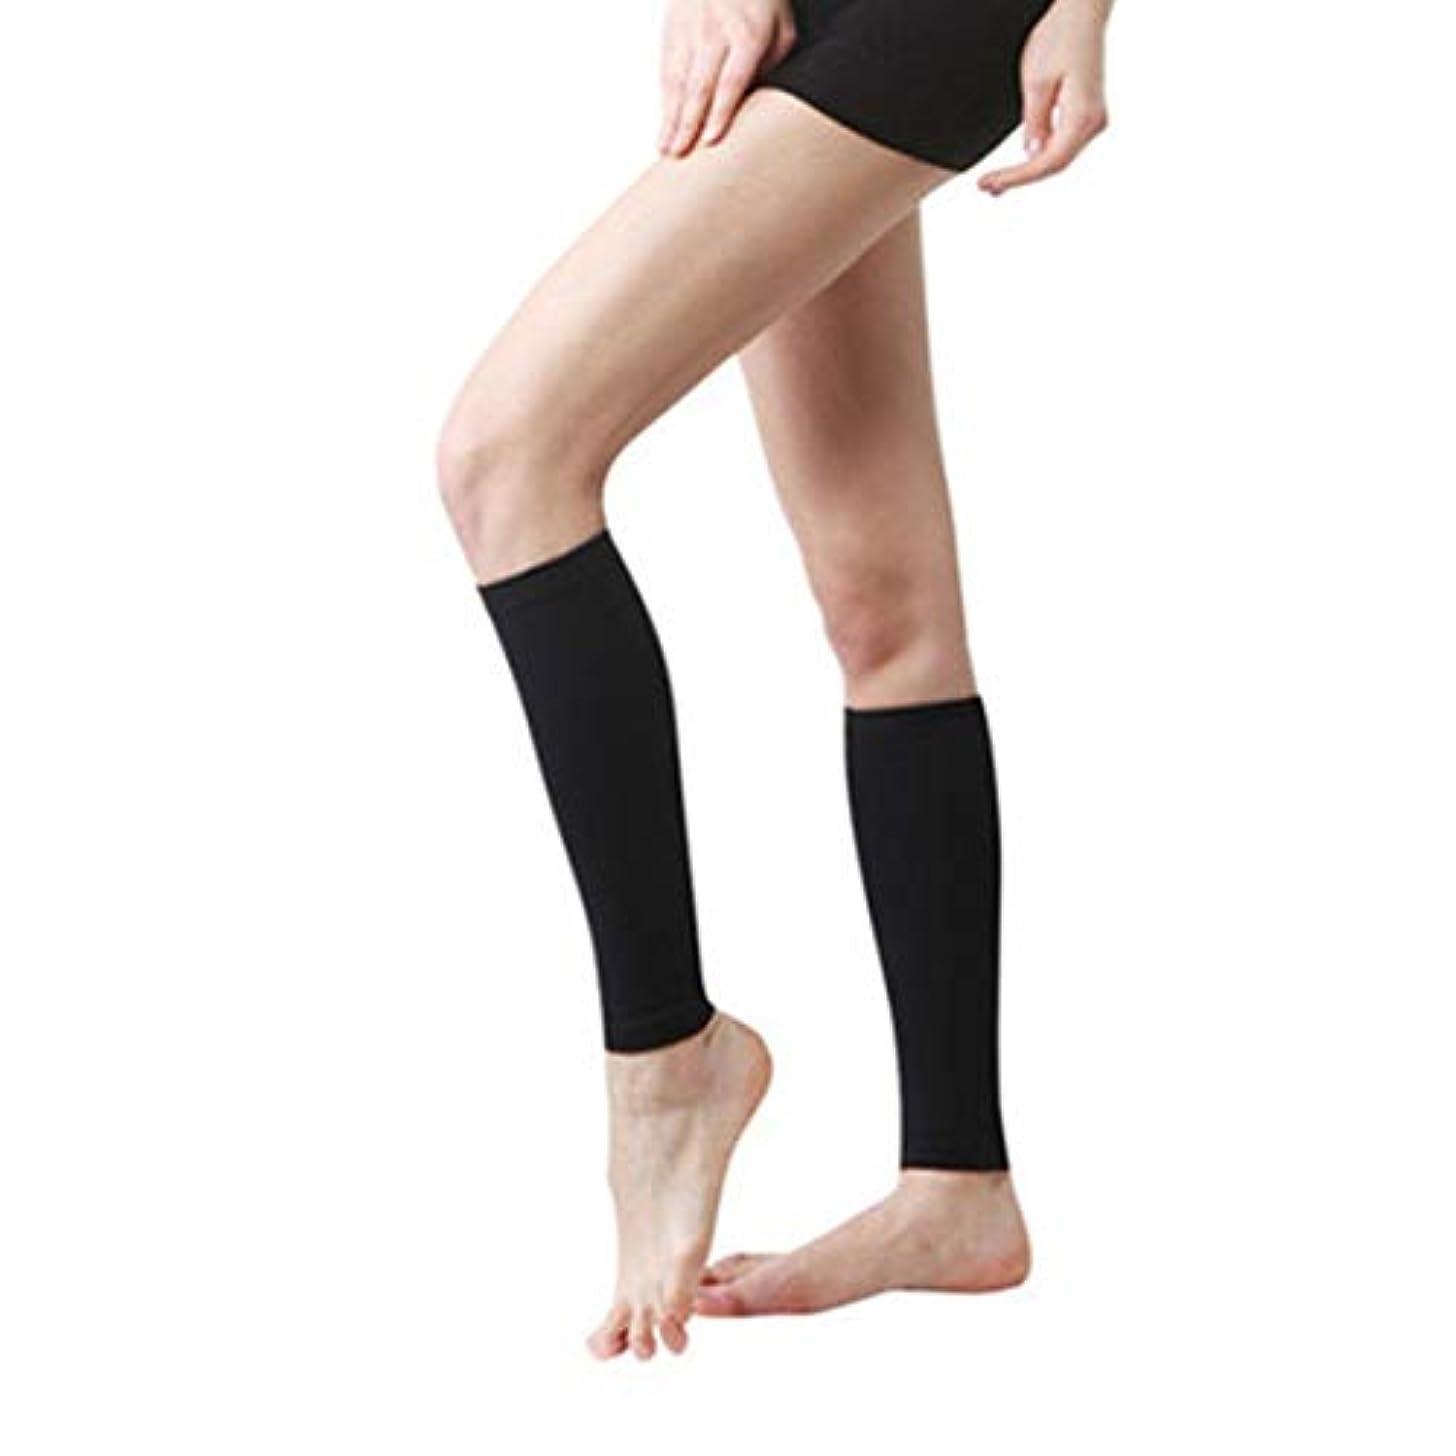 堂々たる晴れ高める丈夫な男性女性プロの圧縮靴下通気性のある旅行活動看護師用シンススプリントフライトトラベル - ブラック